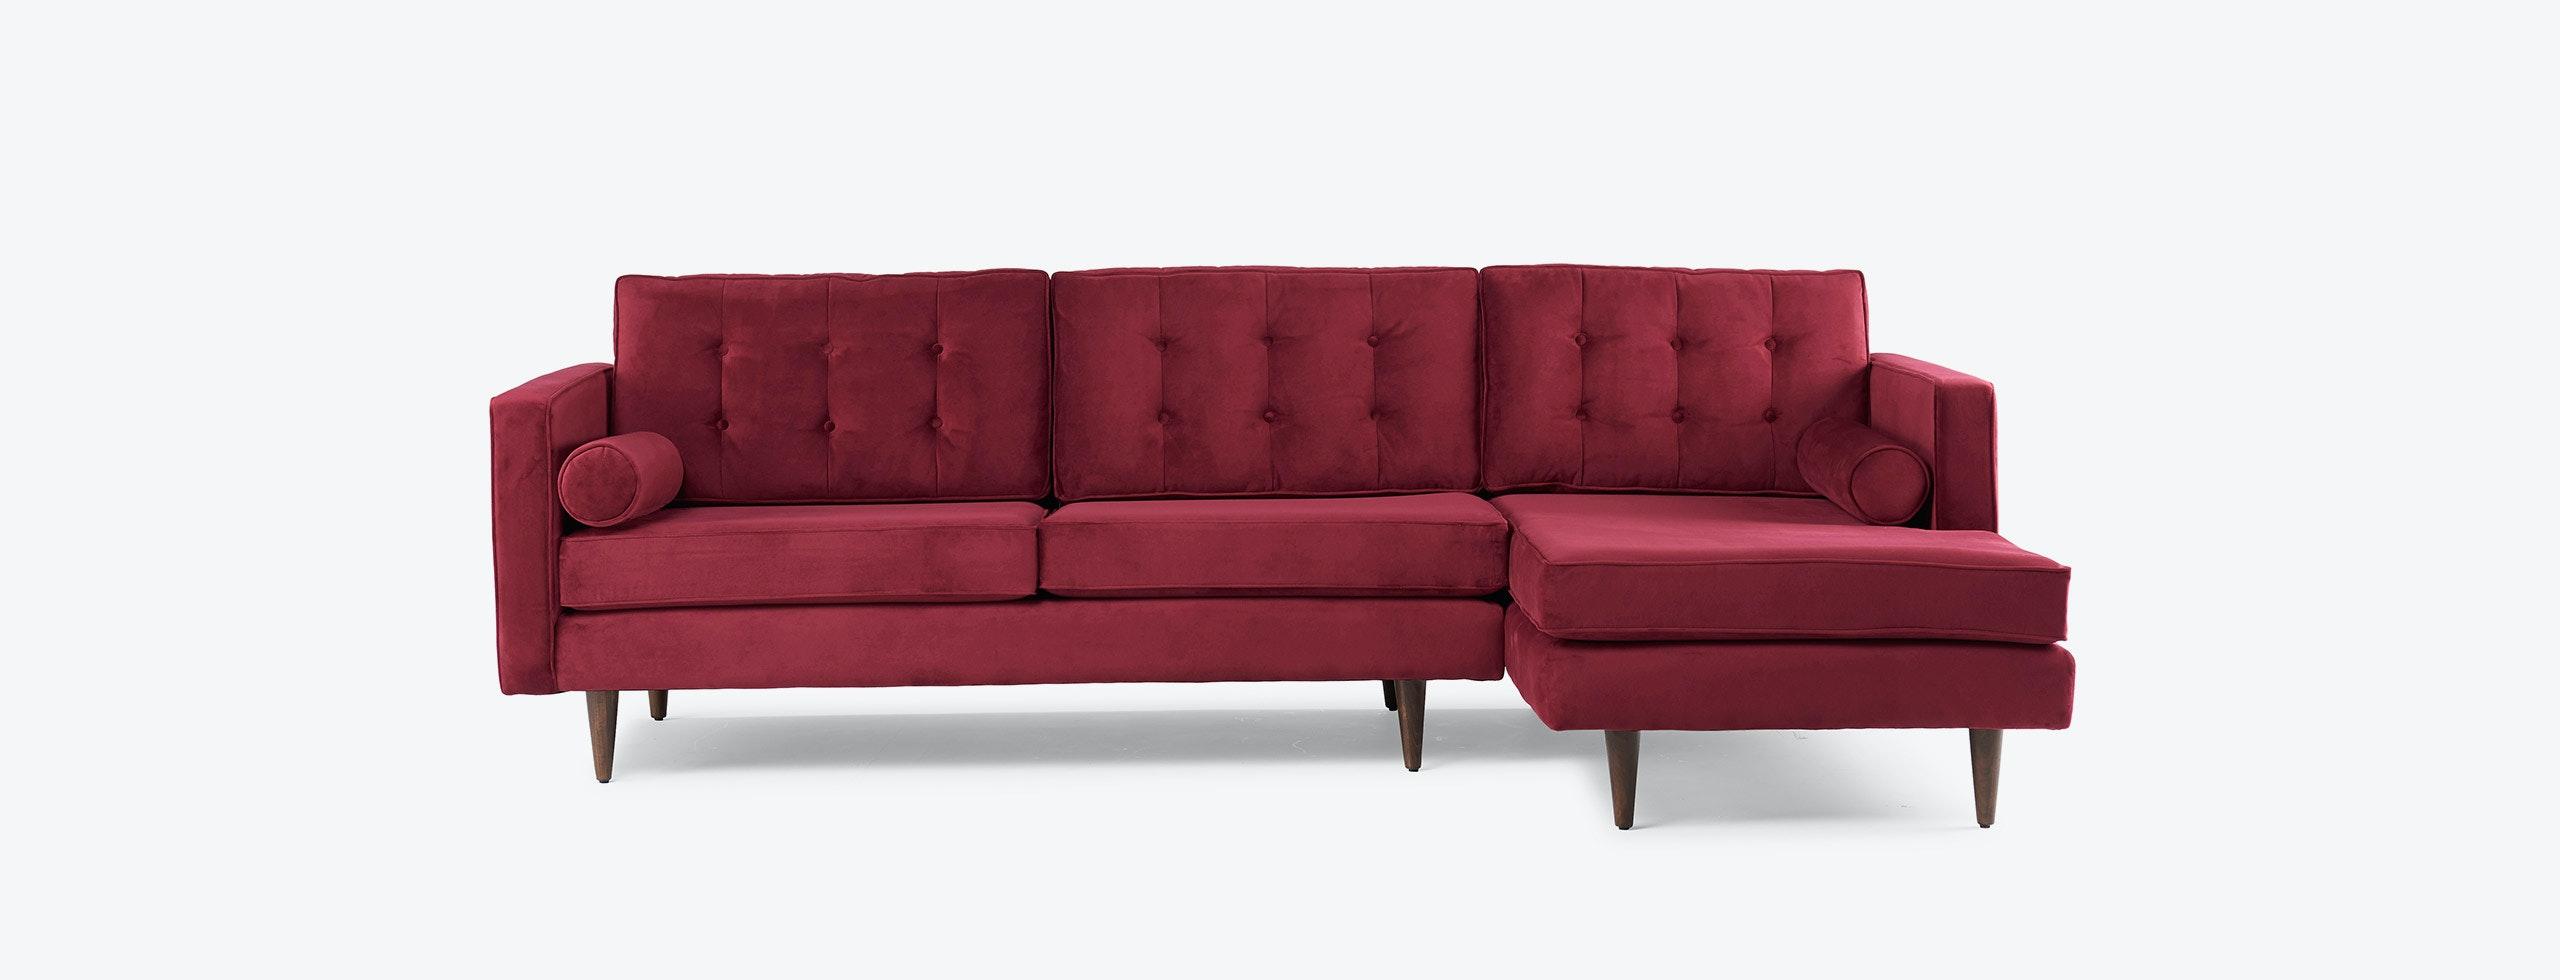 Sectional Sofas Modern Mid Century Styles Joybird